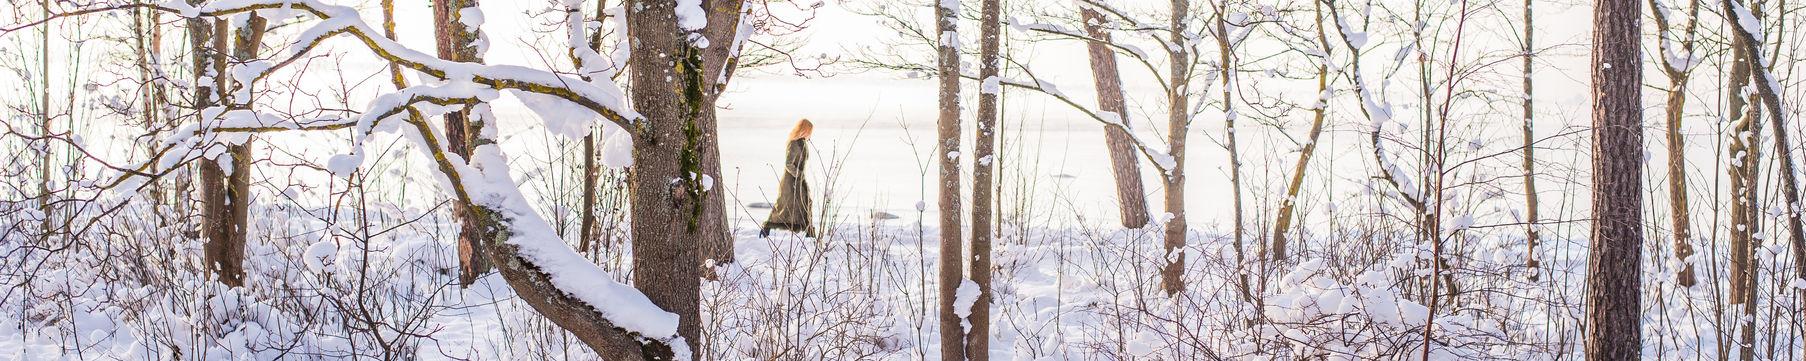 ilya-orehov-57804-unsplash.jpg